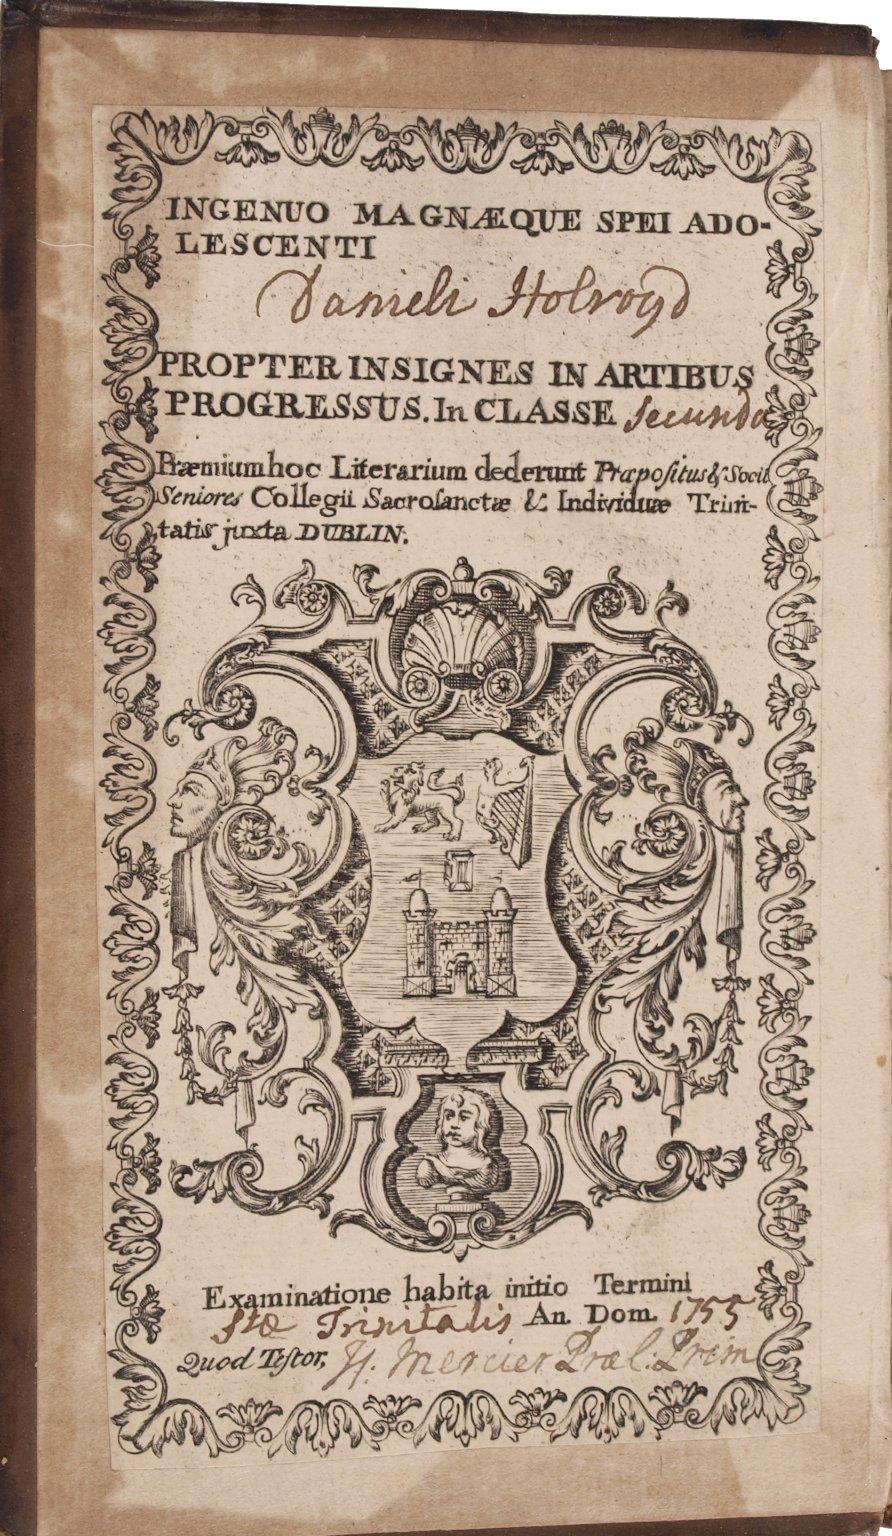 Inside paste-down, PR 2752 1747b copy 1 Sh. Col.